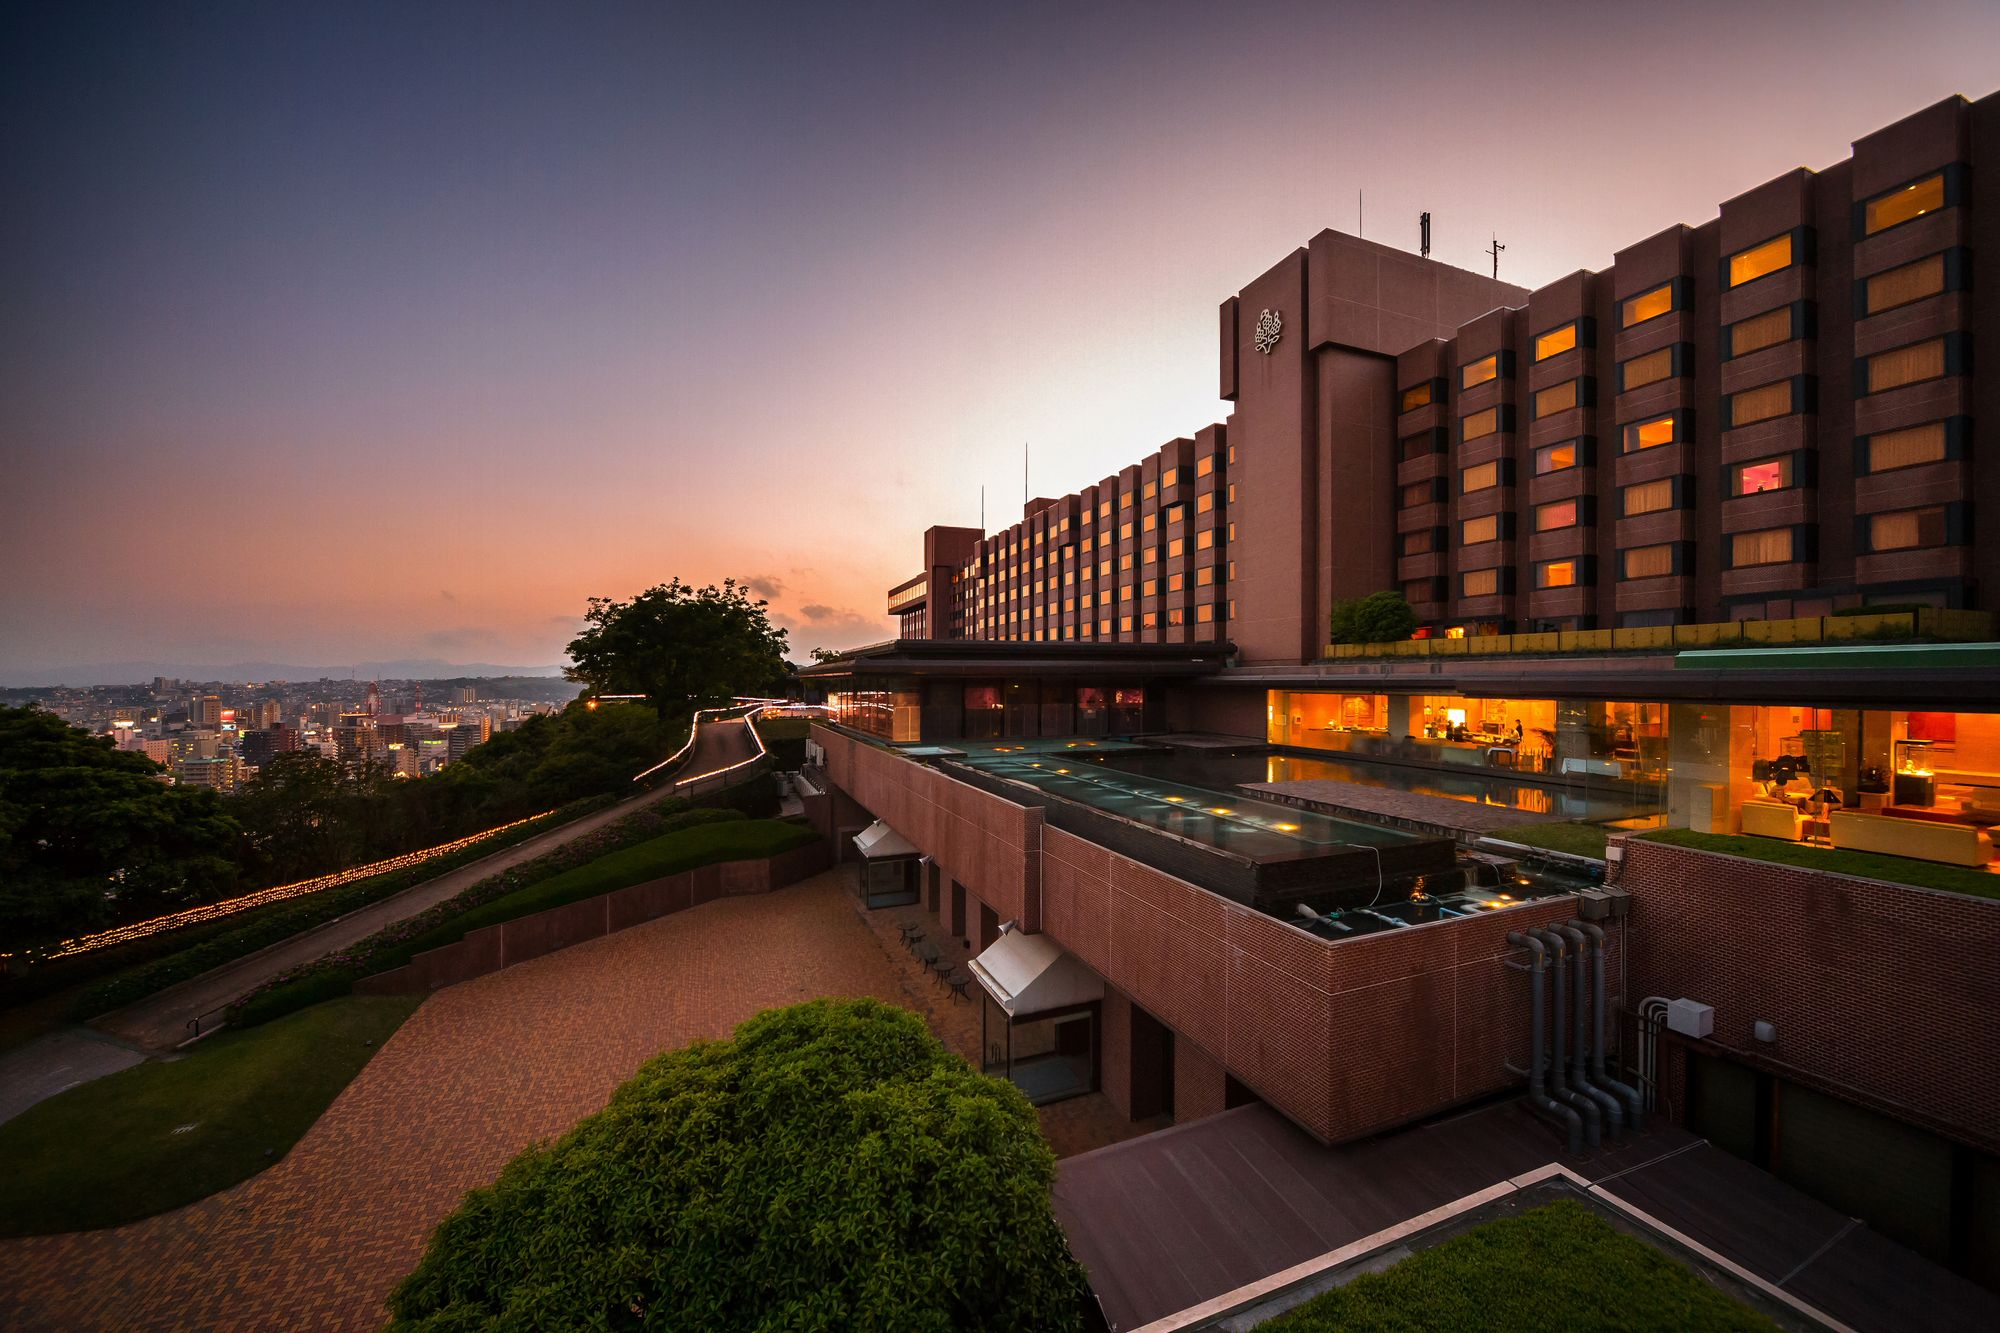 SHIROYAMA HOTEL kagoshima(城山ホテル鹿児島)(旧:城山観光ホテル)写真